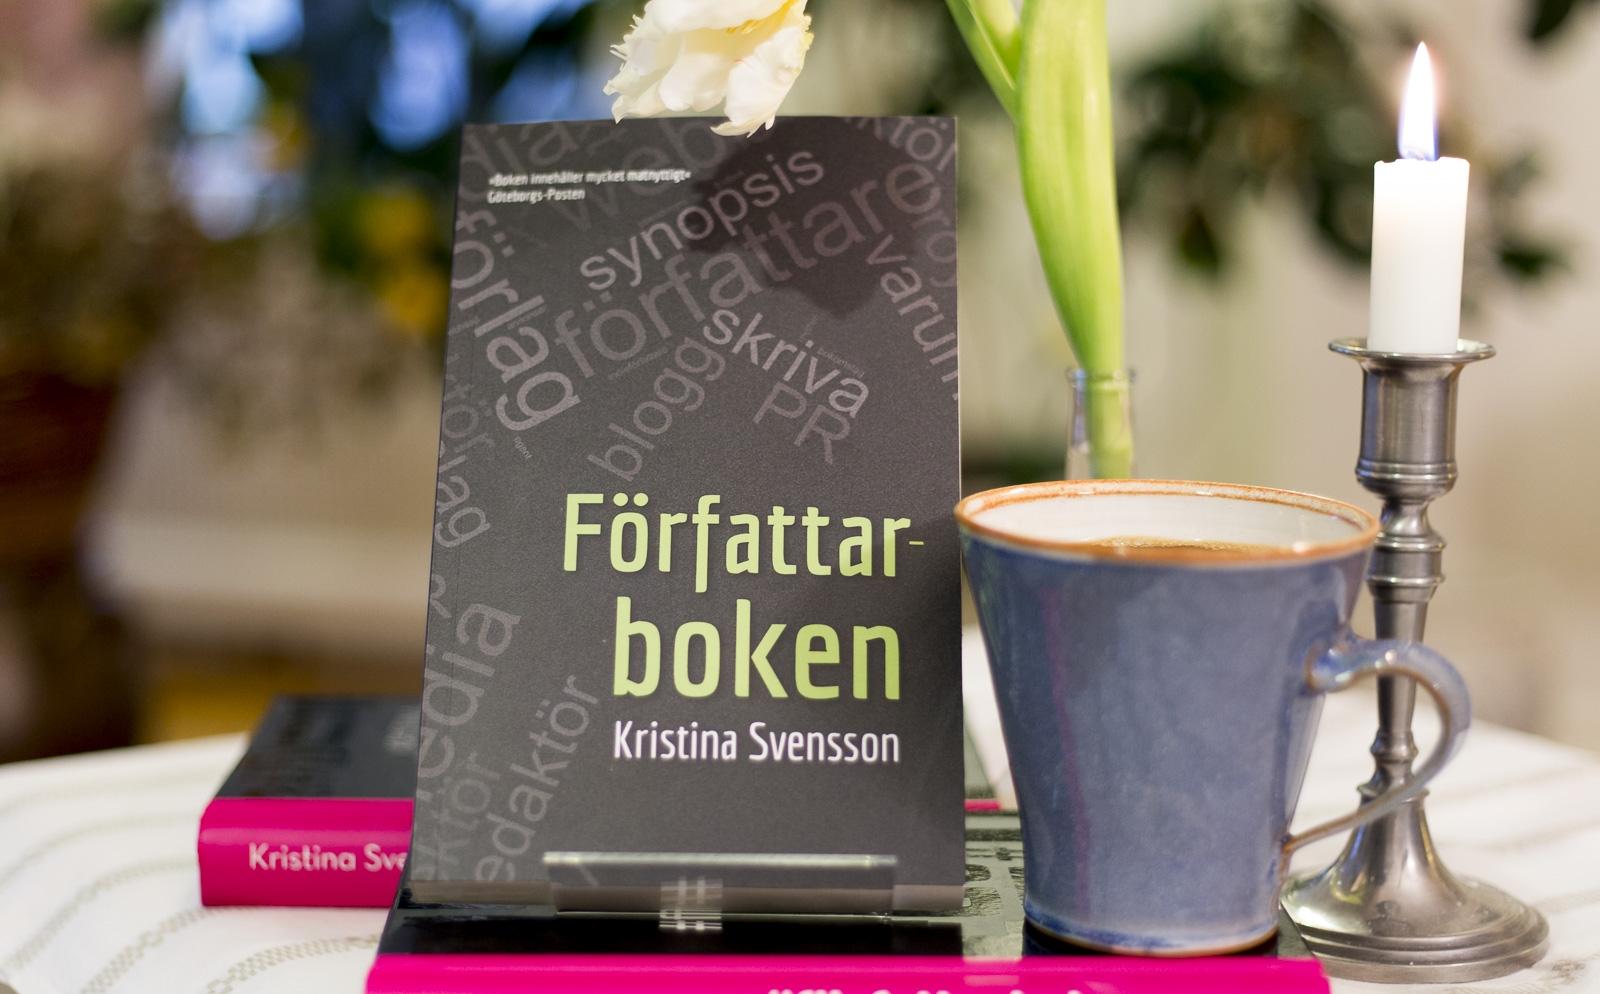 forfattarboken-av-kristina-svensson-9725